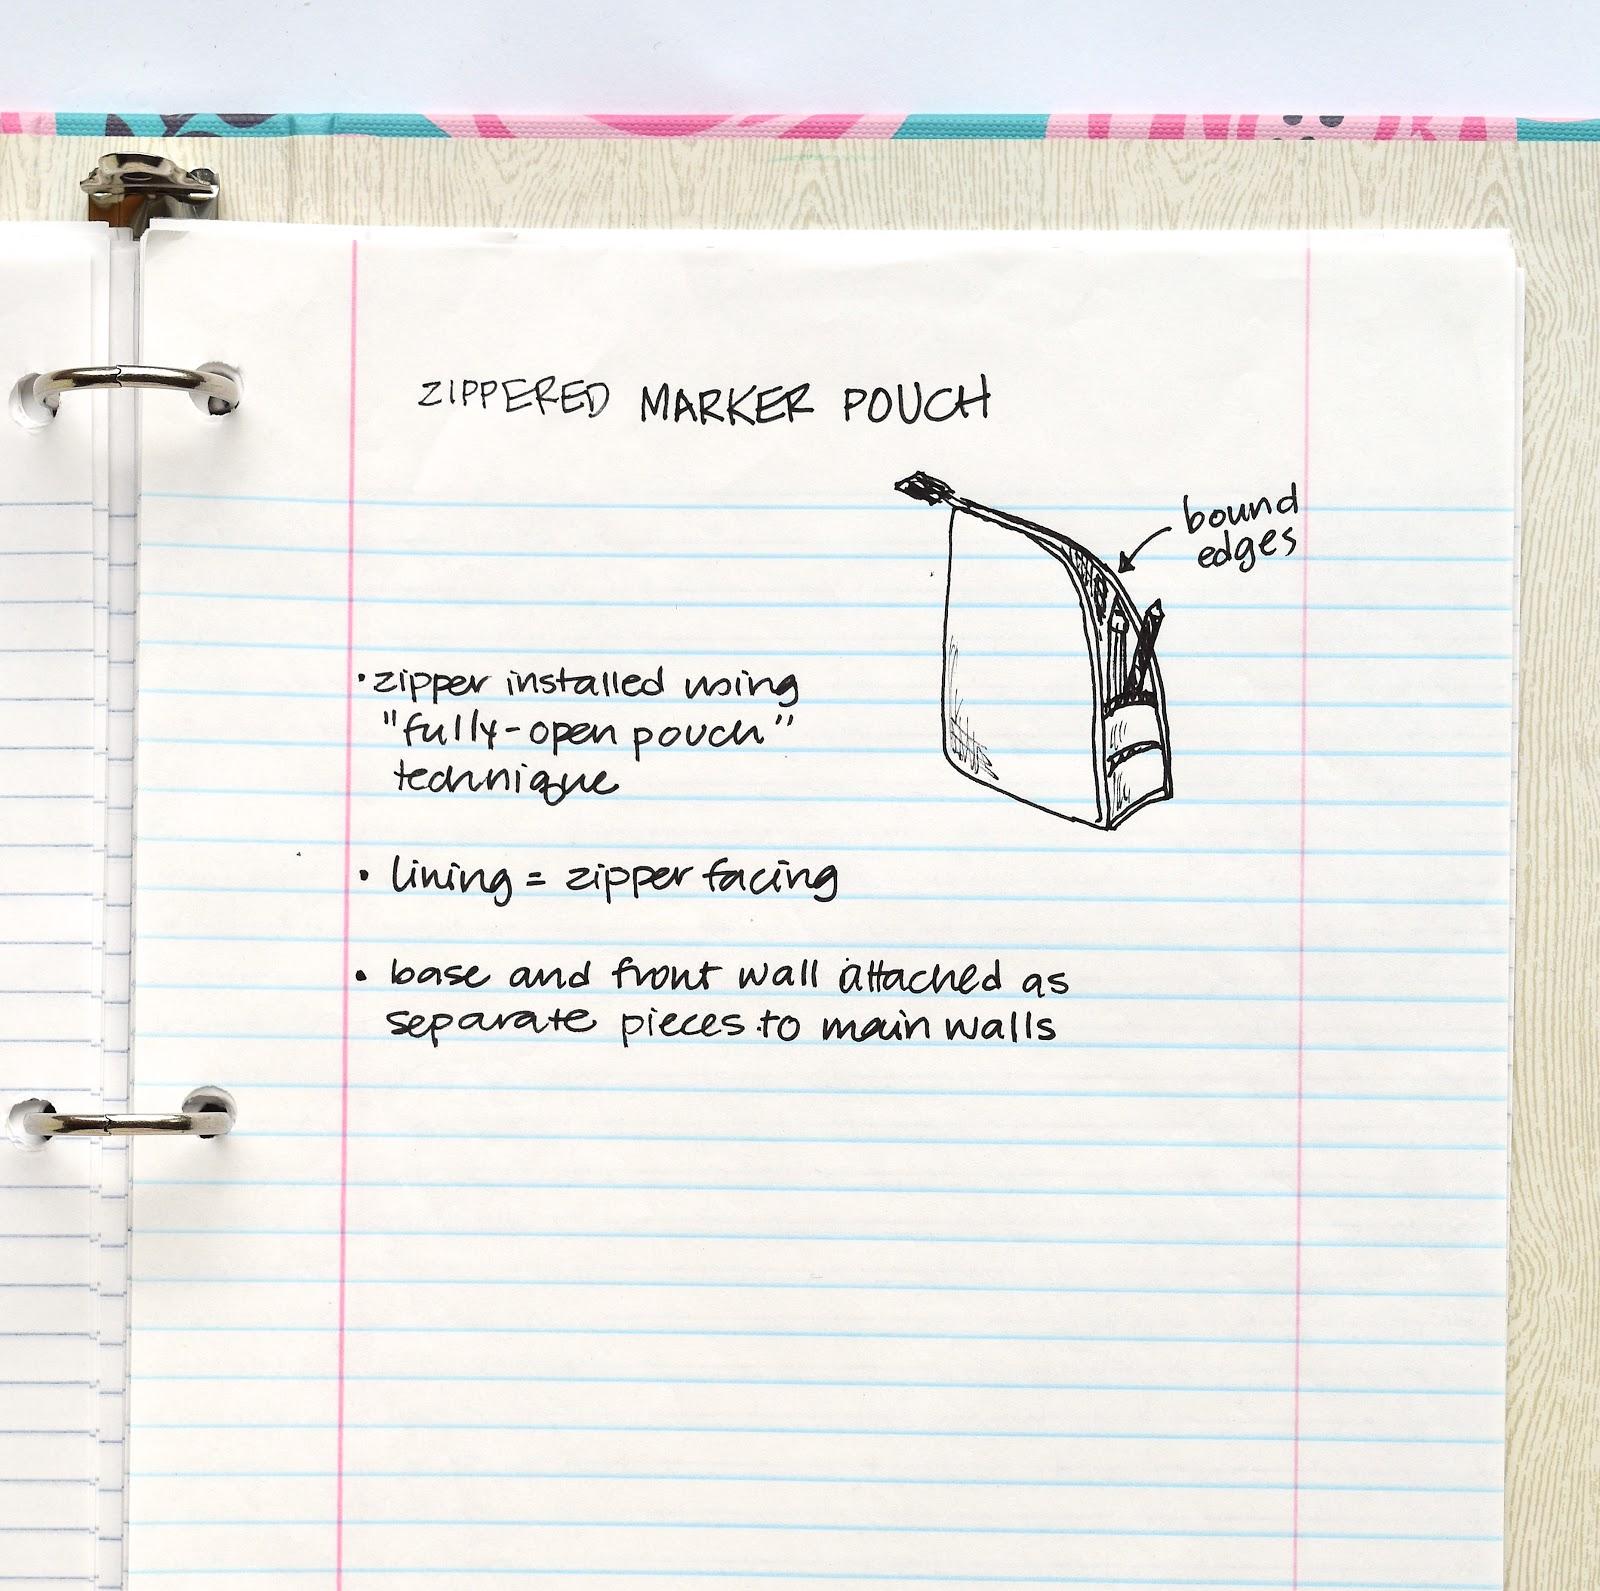 Zip A Bag Chapter 20 Zippered Marker Pouch